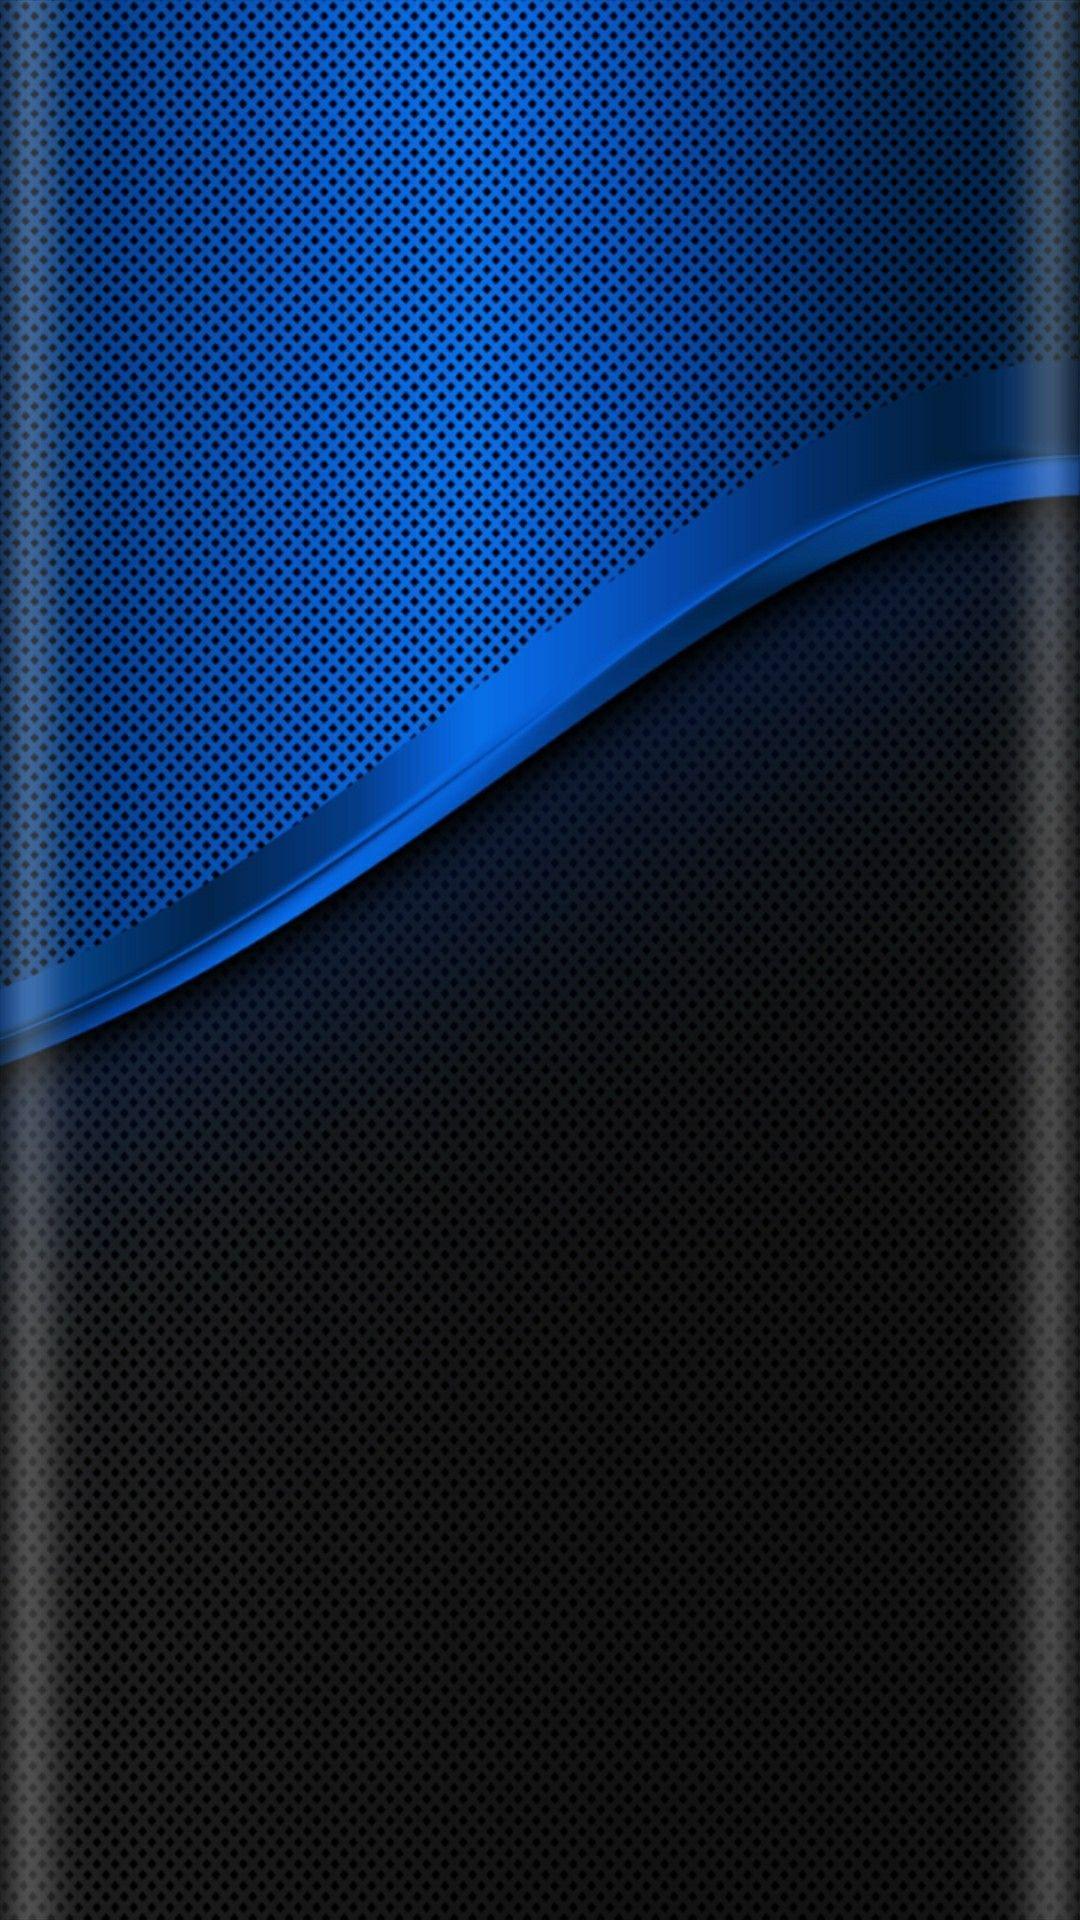 Iphone 5 Arsenal Wallpaper Pin By Lidia On Tło Czarne Z Niebieskim I Zielonym